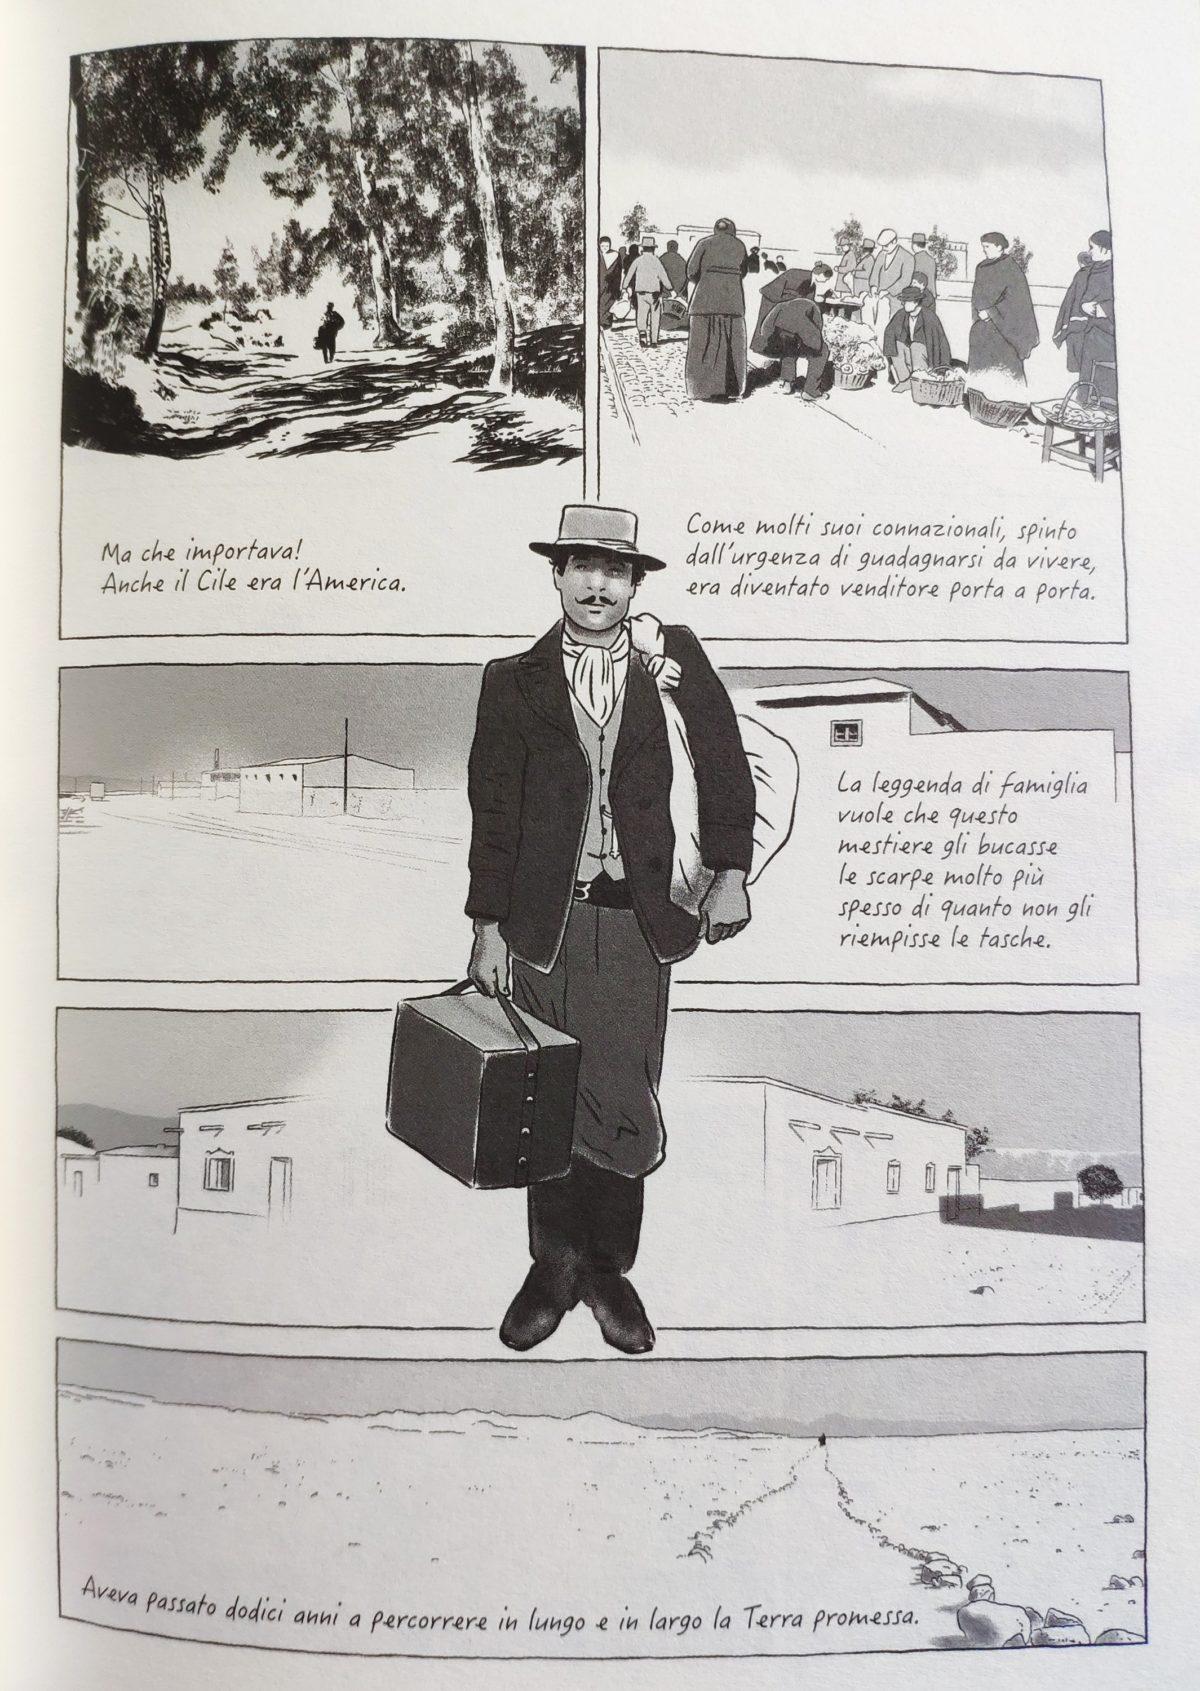 Mio caro fumetto... - Tavola del fumetto in cui Pedro Atías parla del nonno Antonio, arrivato in Cile dal Libano.